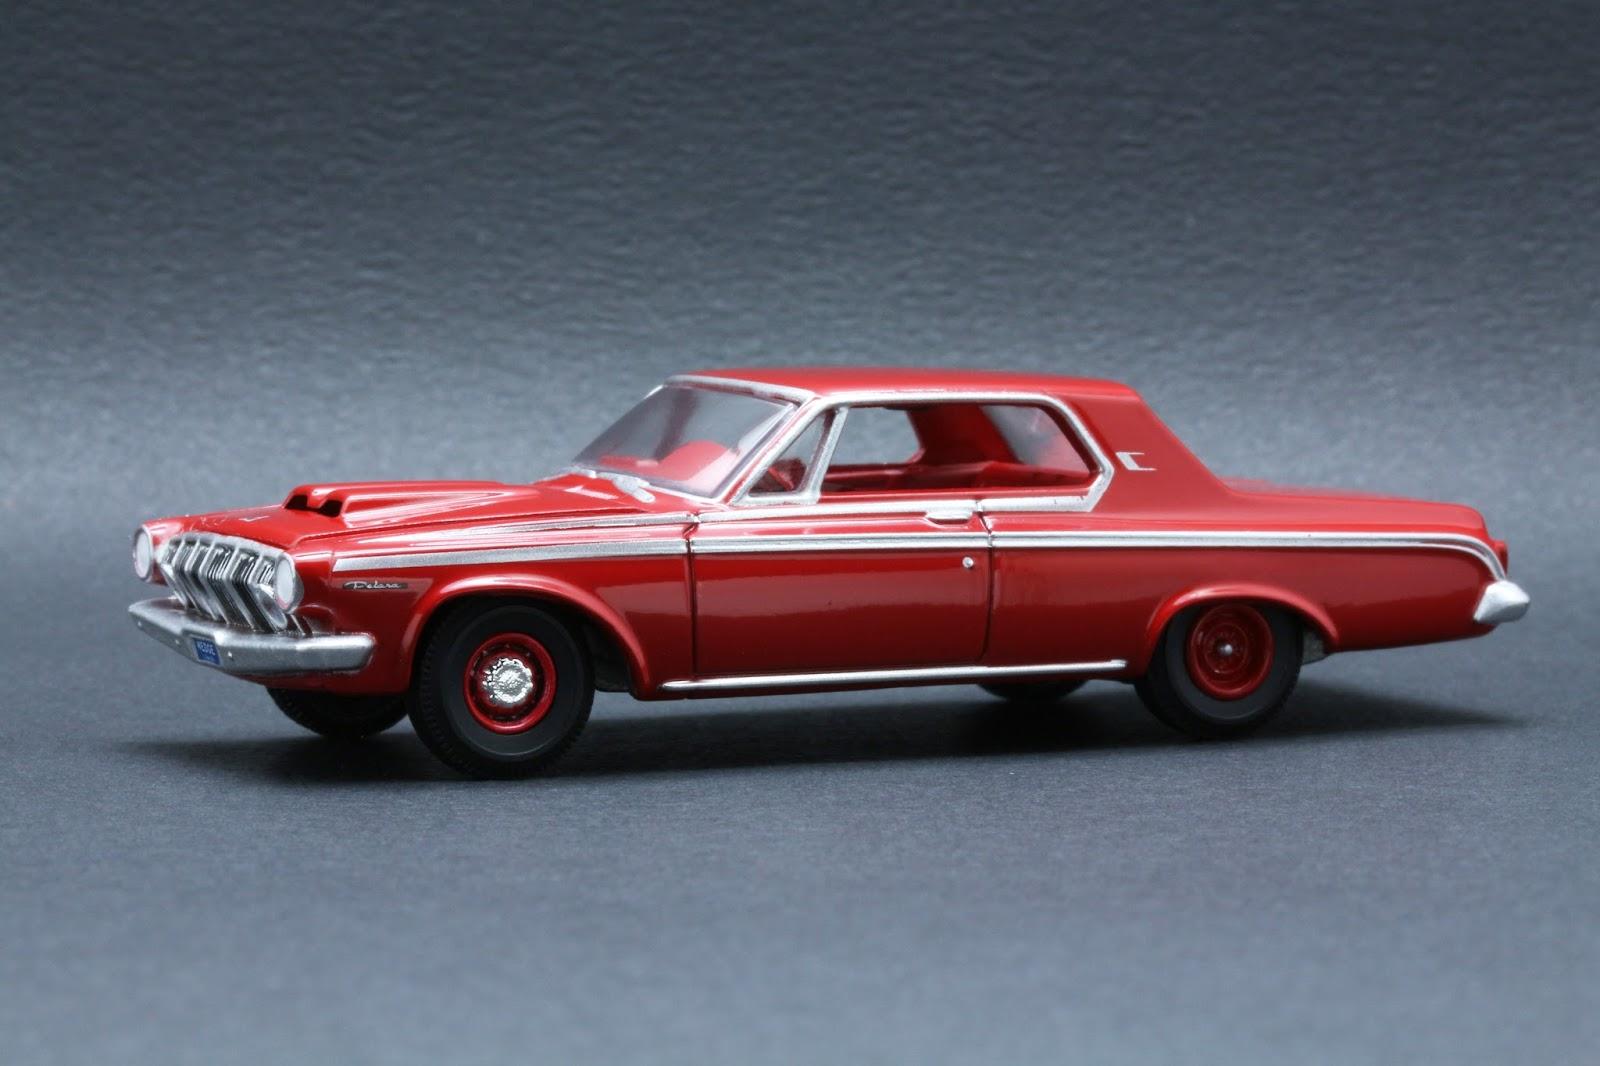 Diecast Hobbist: 1963 Dodge Polara Max Wedge 426